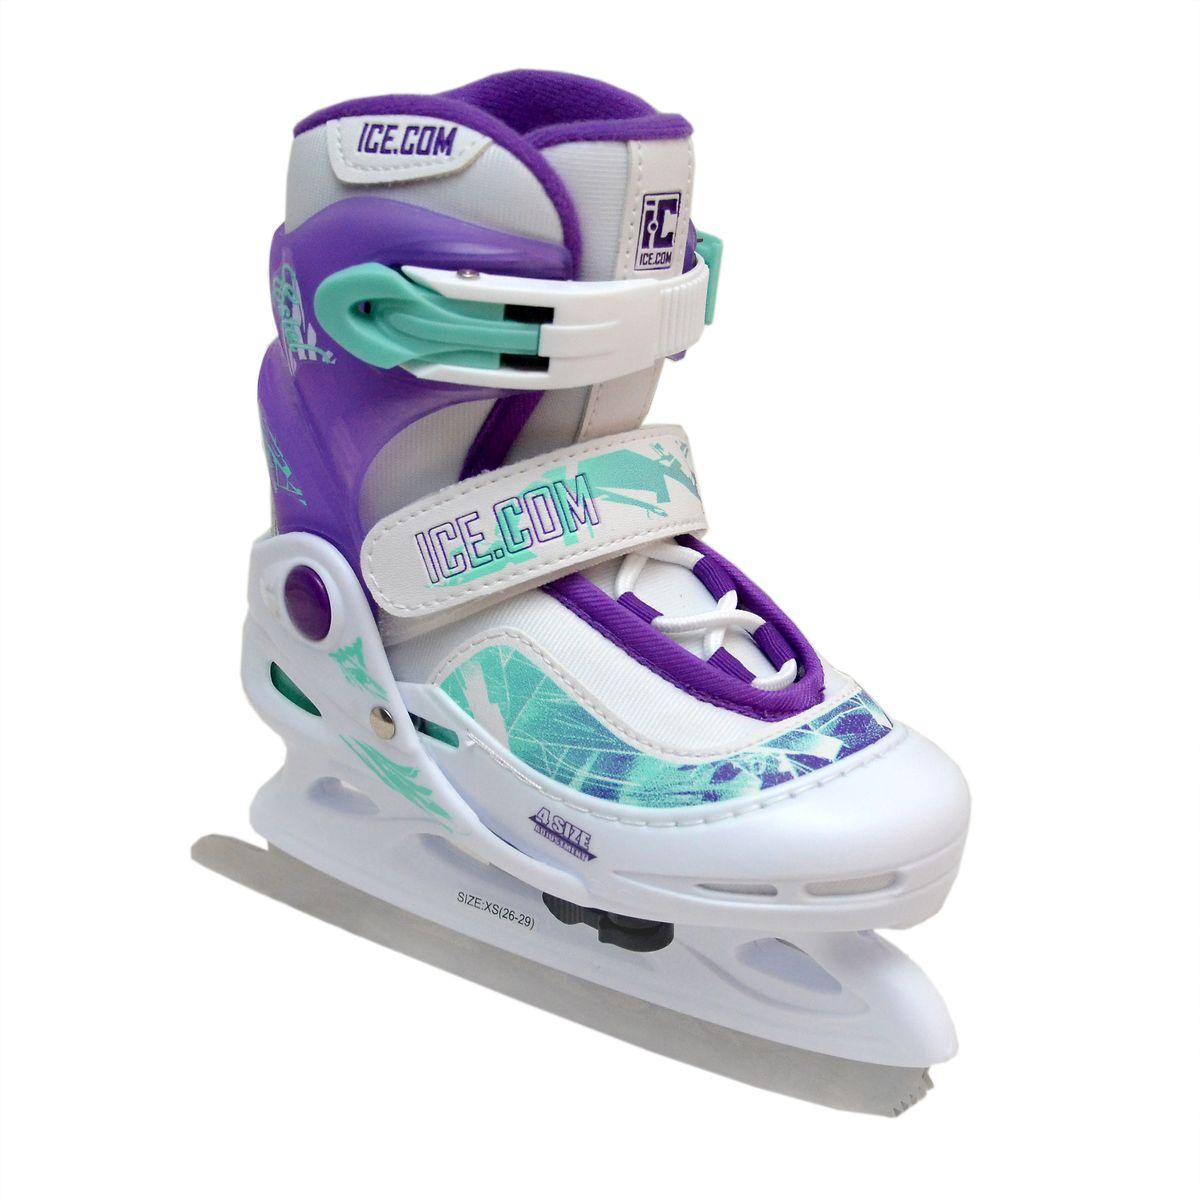 Коньки ледовые для девочки Ice. Com Estel, раздвижные, цвет: белый, фиолетовый, бирюзовый. Размер 30/33EstelЯркие ледовые коньки для девочки Estel от Ice. Com отлично подойдут для начинающих обучаться катанию. Ботинок Comfortable Fit очень хорошо держит ногу и при этом, позволит чувствовать удобство во время катания. Он изготовлен из морозостойкого пластика, который защитит ногу от ударов, и прочного нейлона со вставками из ПВХ. Поролоновый утеплитель не позволит ногам замерзнуть. Четкую фиксацию голени обеспечивают шнуровка Quick Lace, застежка на липучке Velcro и застежка с фиксатором Power Strap. Стальное фигурное лезвие обеспечит превосходное скольжение. Особенностью коньков является раздвижная конструкция, которая позволяет увеличивать длину ботинка на 4 размера по мере роста ноги ребенка. Размер регулируется при помощи рычажка. Оформлена модель оригинальными узорами и тиснениями в виде логотипа бренда на пятке, язычке и застежке. Для того, чтобы Вам максимально точно подобрать размер коньков, узнайте длину стопы с точностью до миллиметра. Для этого поставьте...